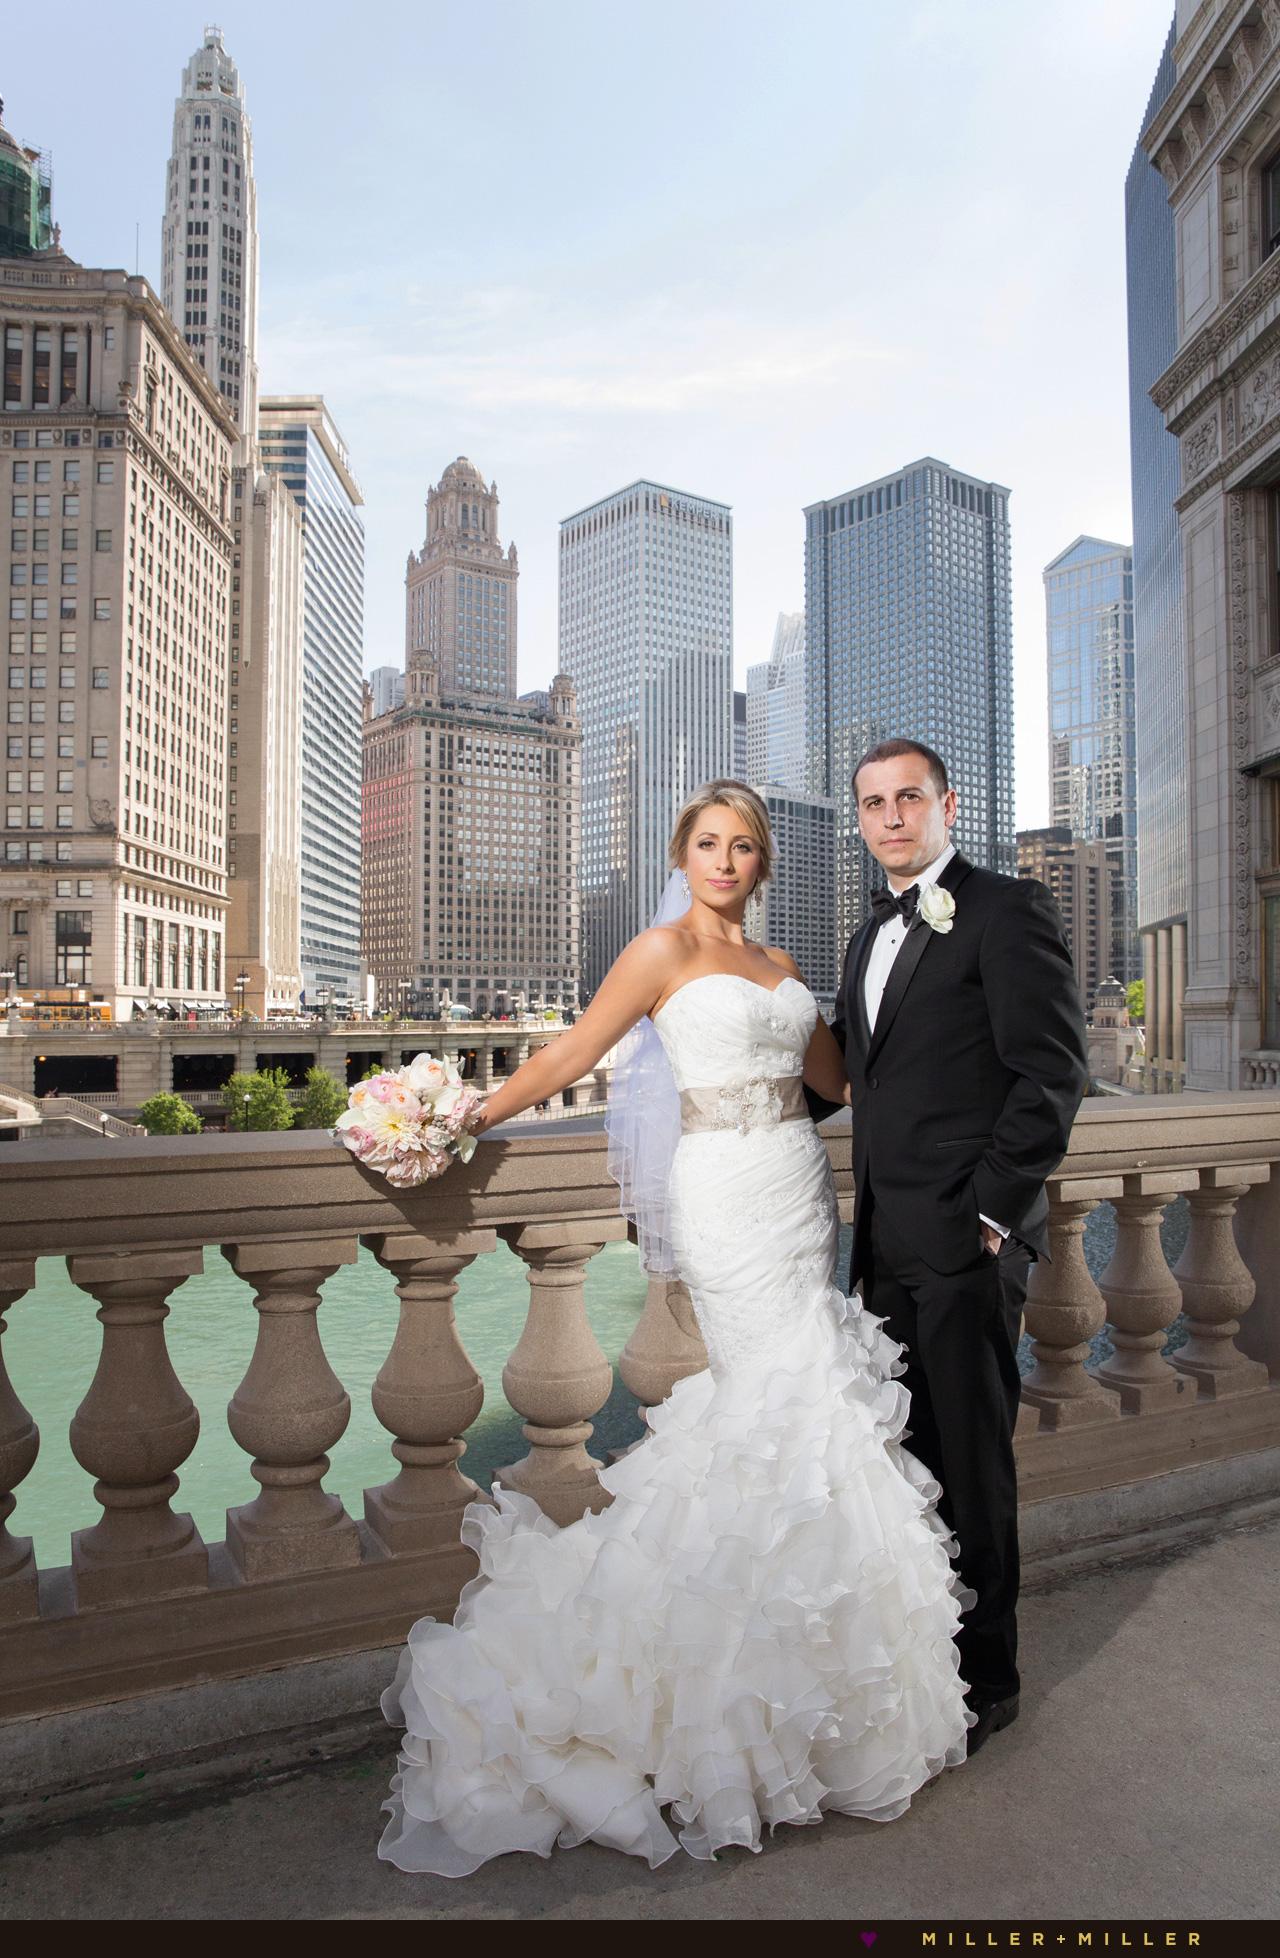 Waldorf Astoria Chicago Hotel Wedding Archives - Chicago ...